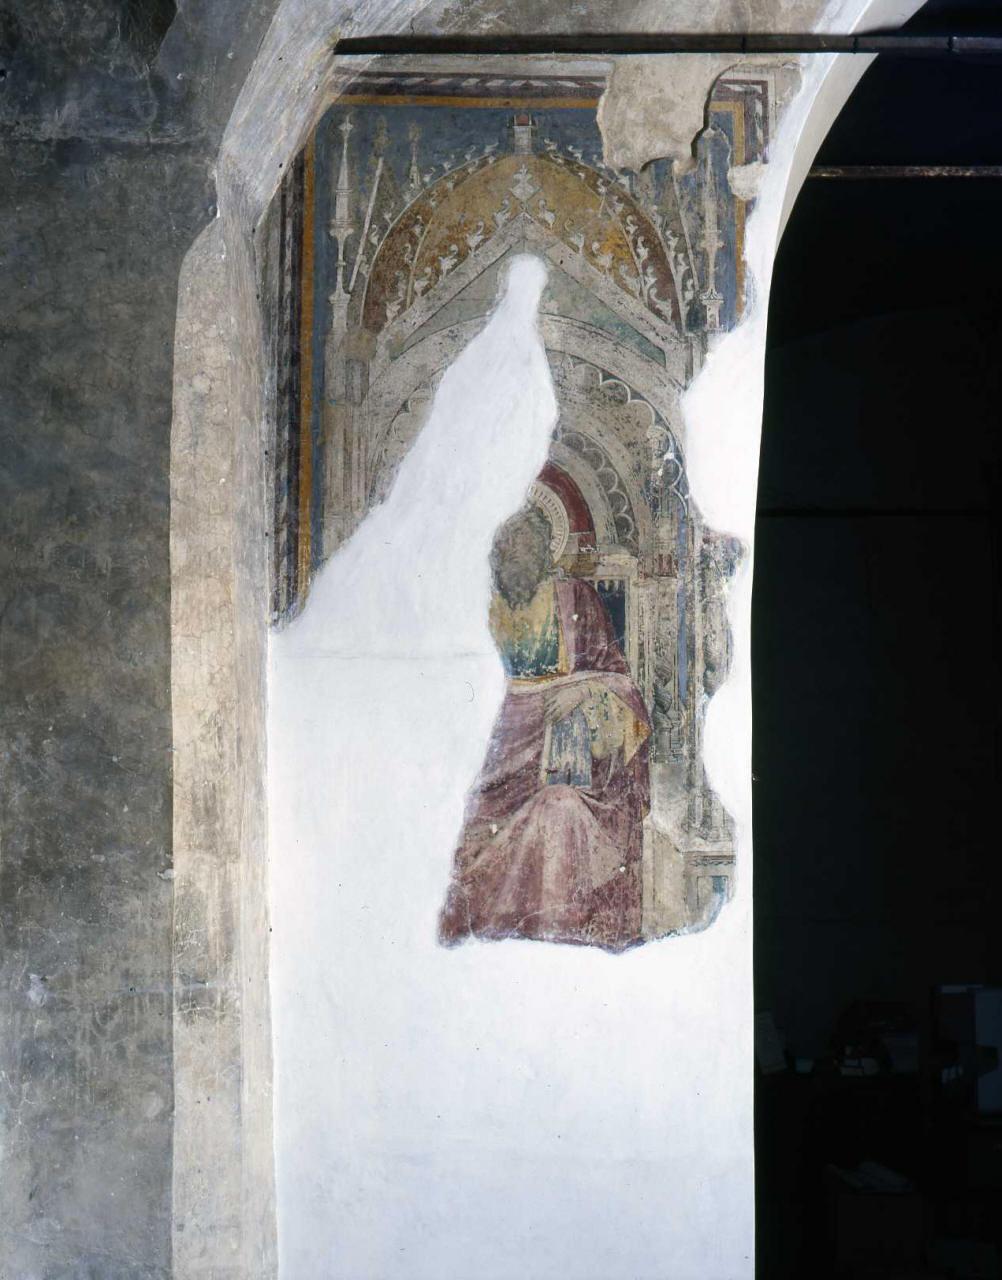 Santo (dipinto) - ambito fiorentino (seconda metà sec. XIV)